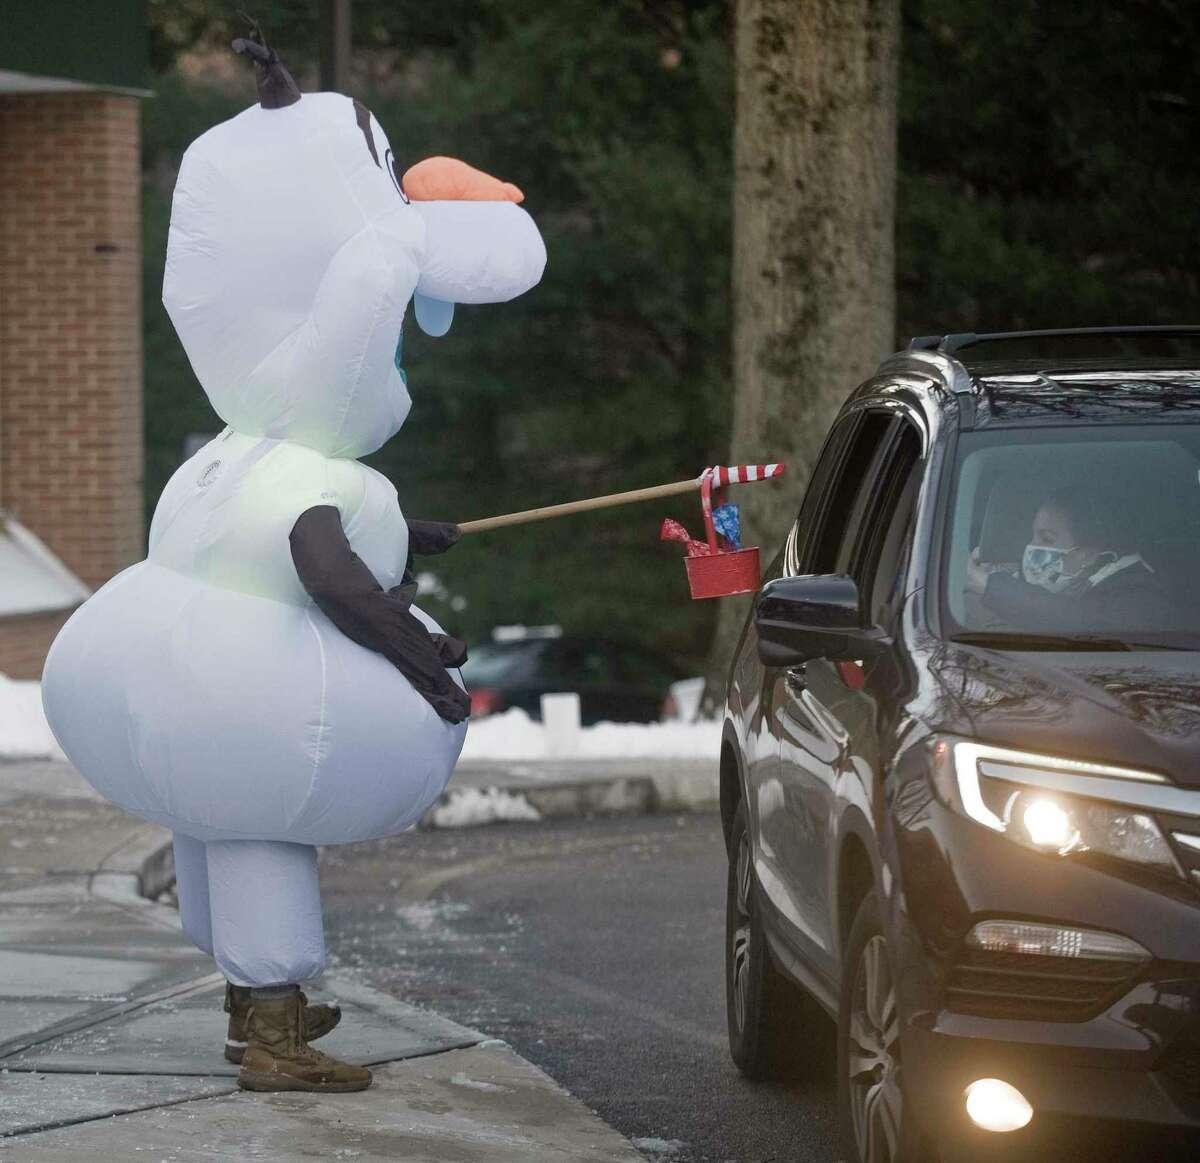 Kregg Zulkeski, dressed as Olaf from the movie